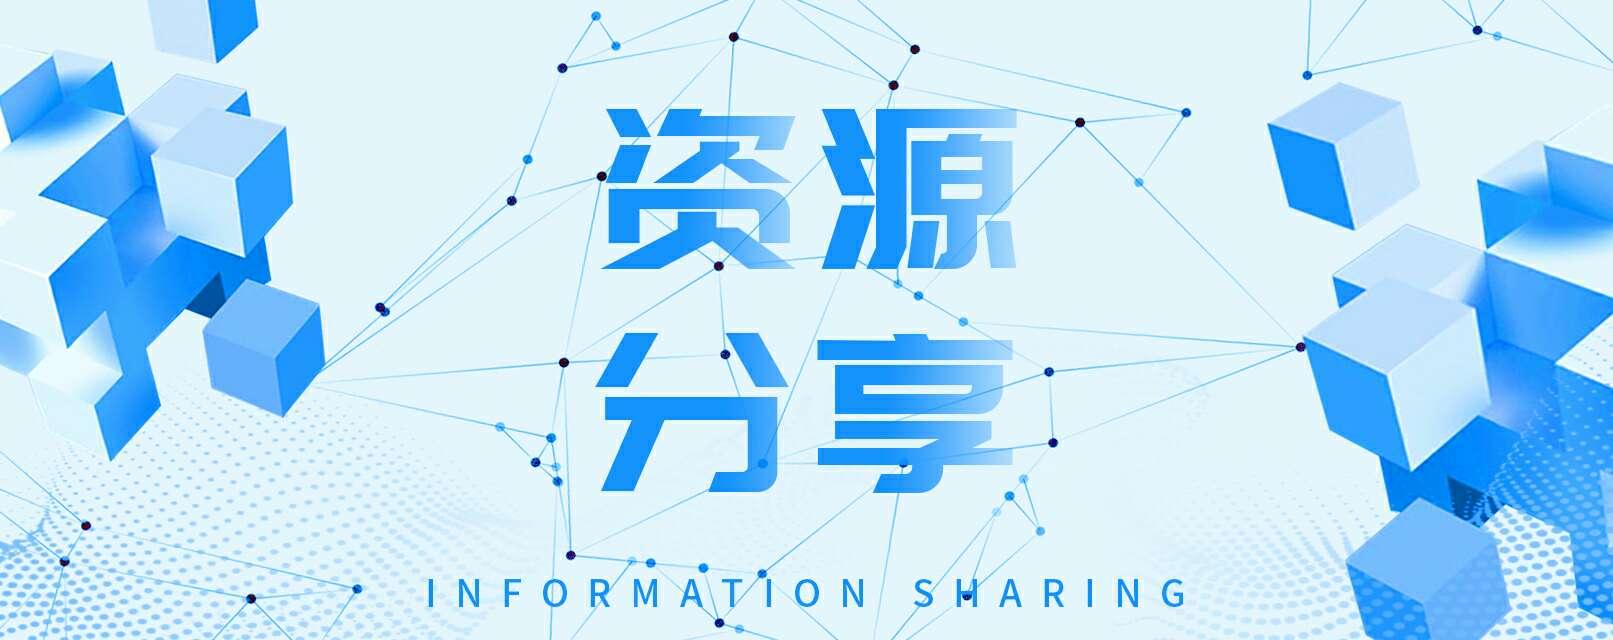 【资源分享】MLua编译器(编程必备)